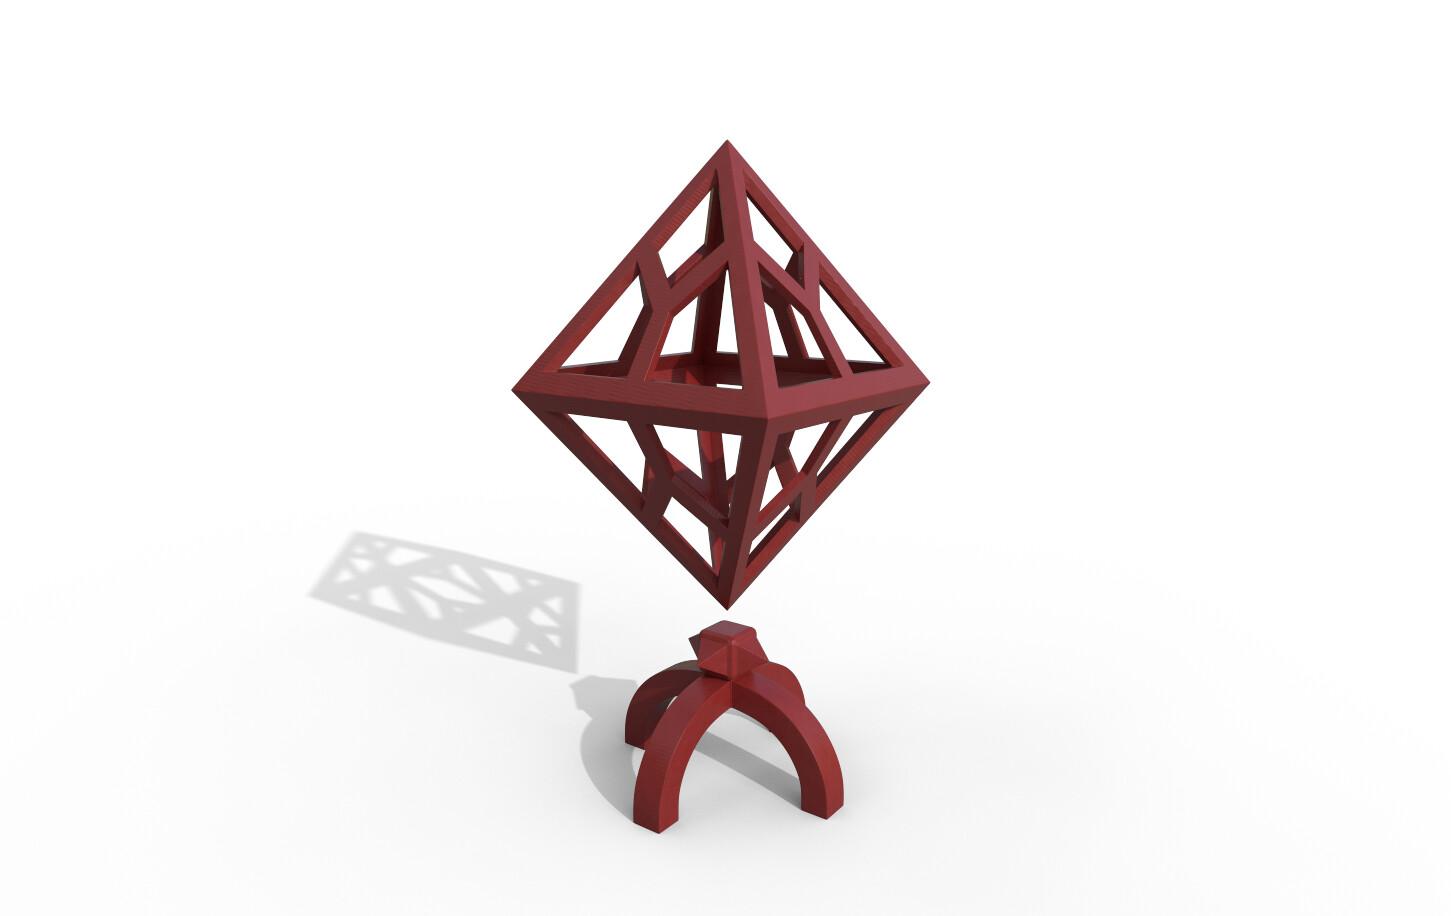 Joseph moniz cube001o